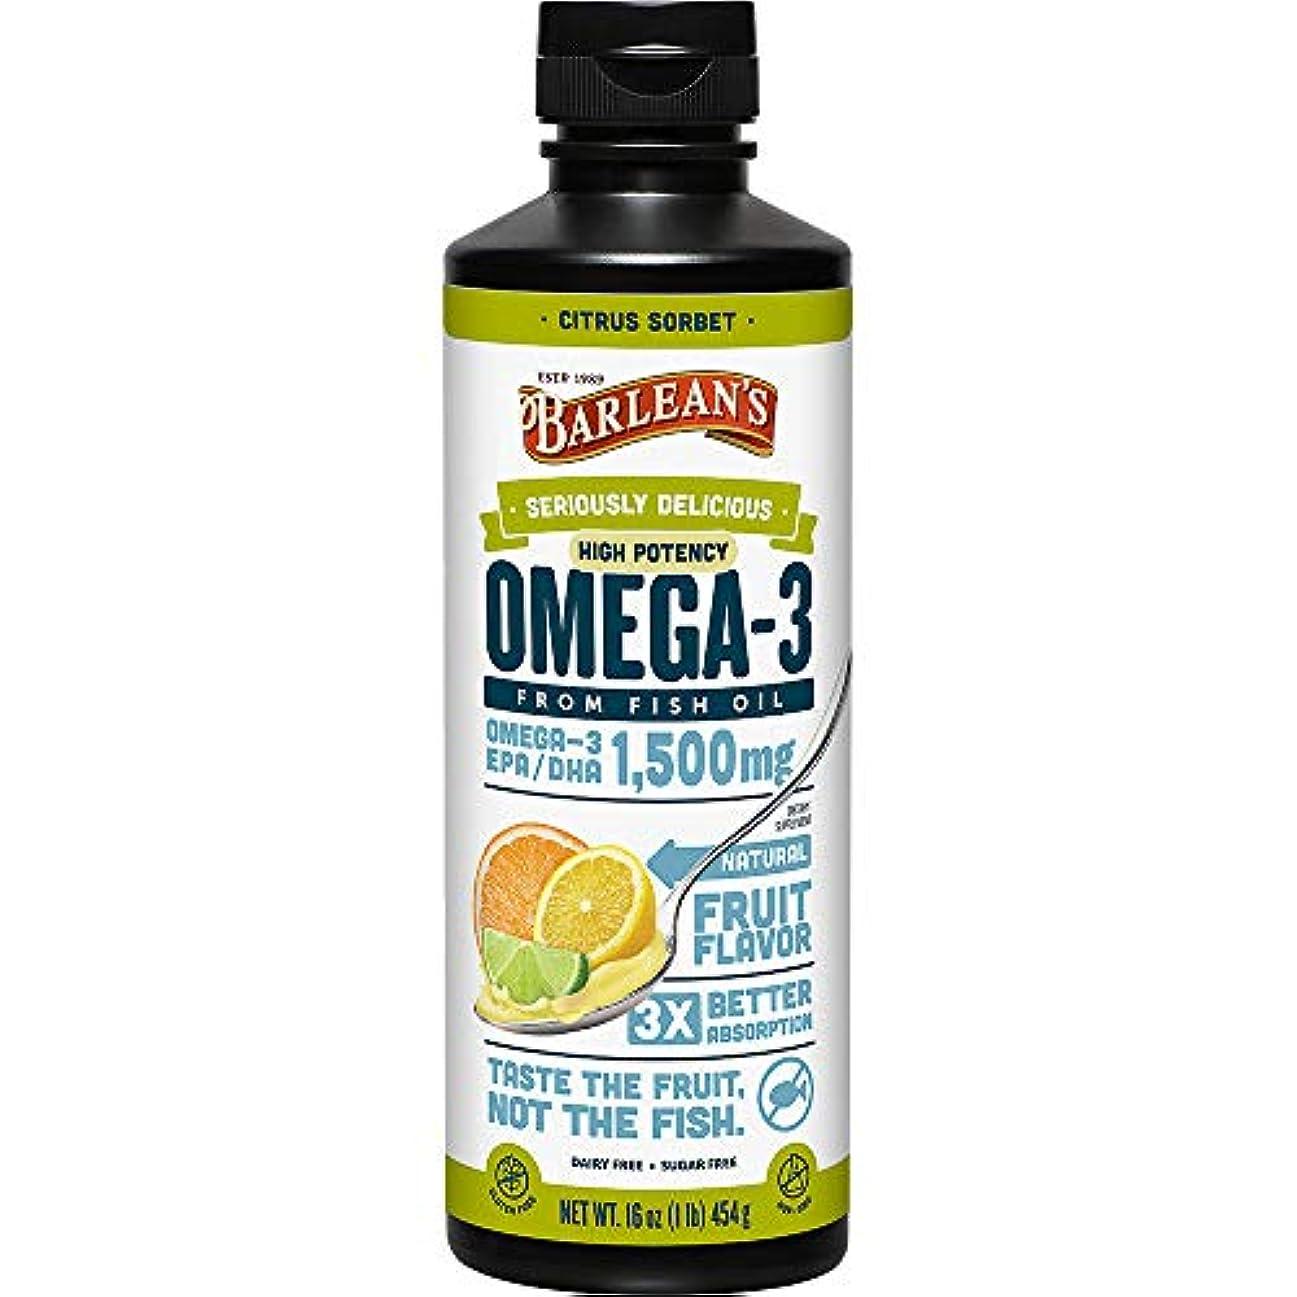 せせらぎ程度スポットOmega Swirl, Ultra High Potency Fish Oil, Citrus Sorbet - Barlean's - UK Seller by Barlean's